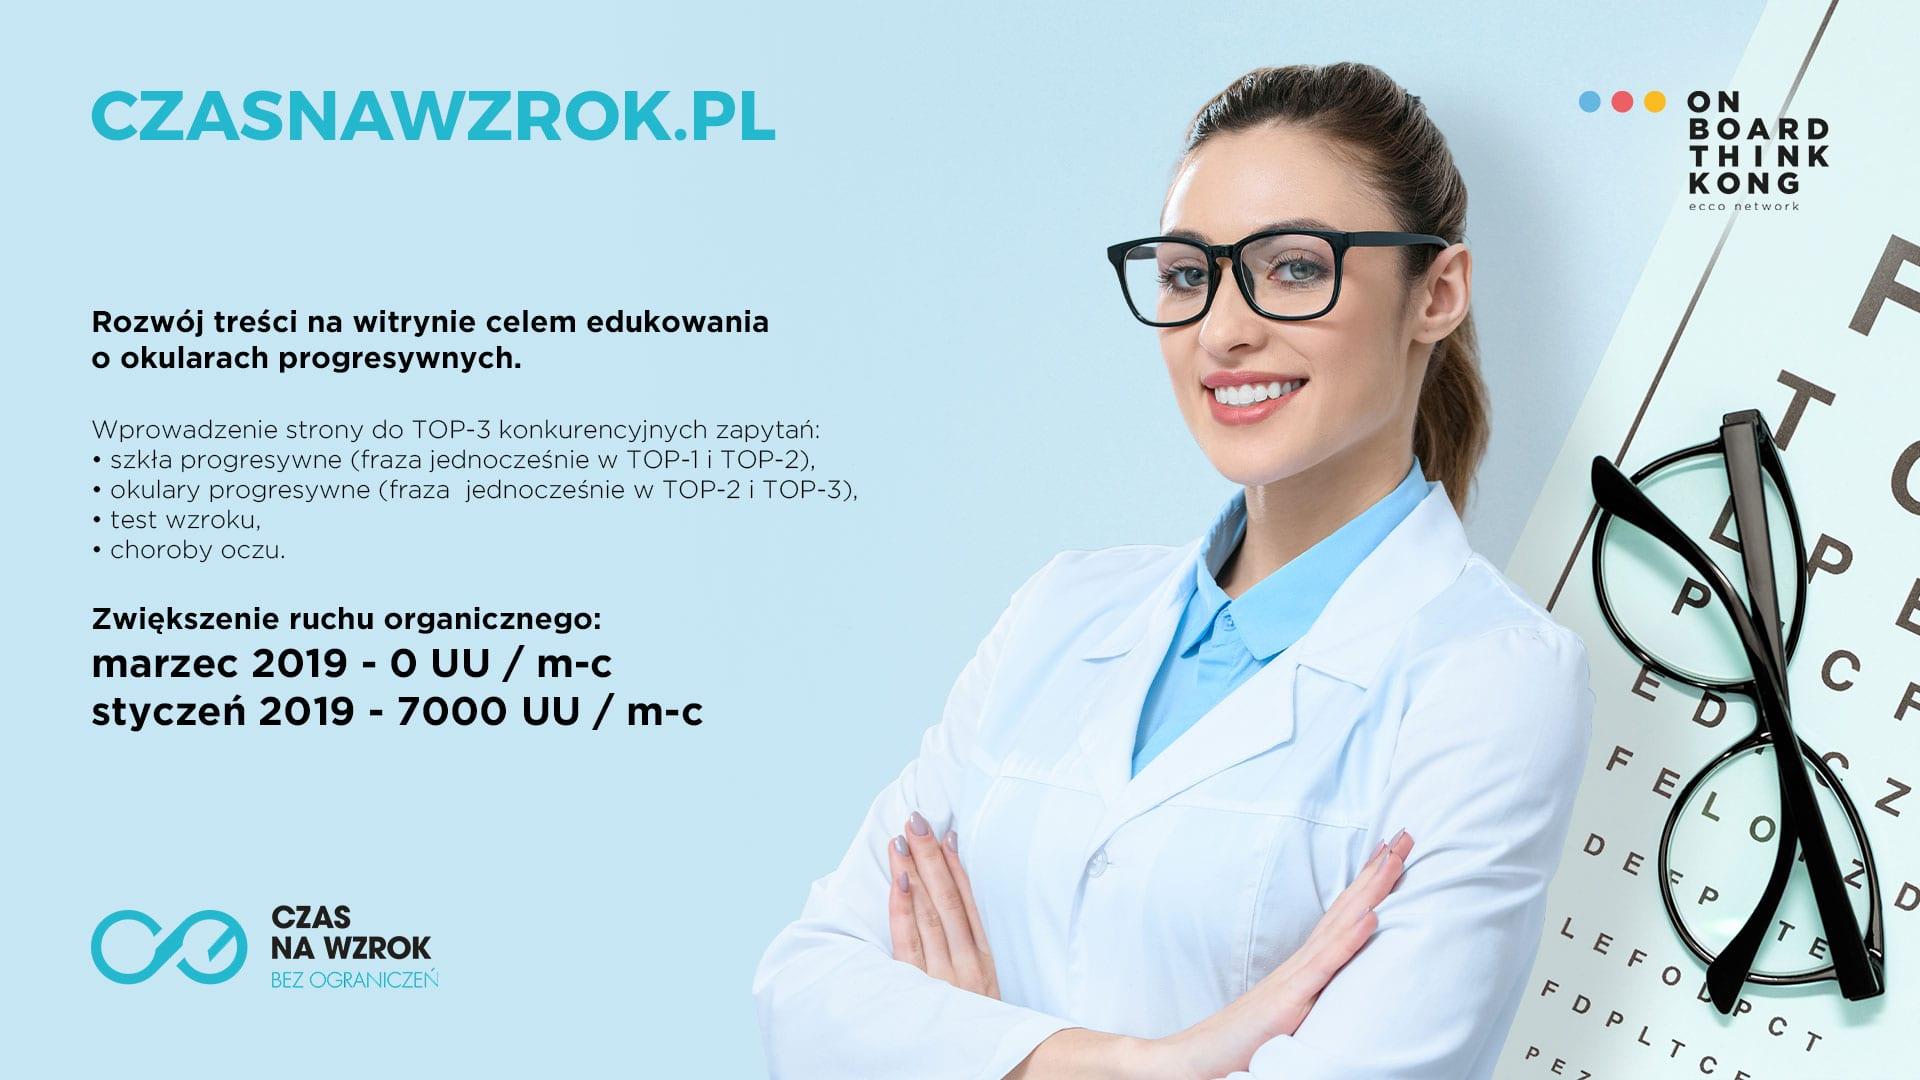 Czasnawzrok.pl - Content Marketingowy Case